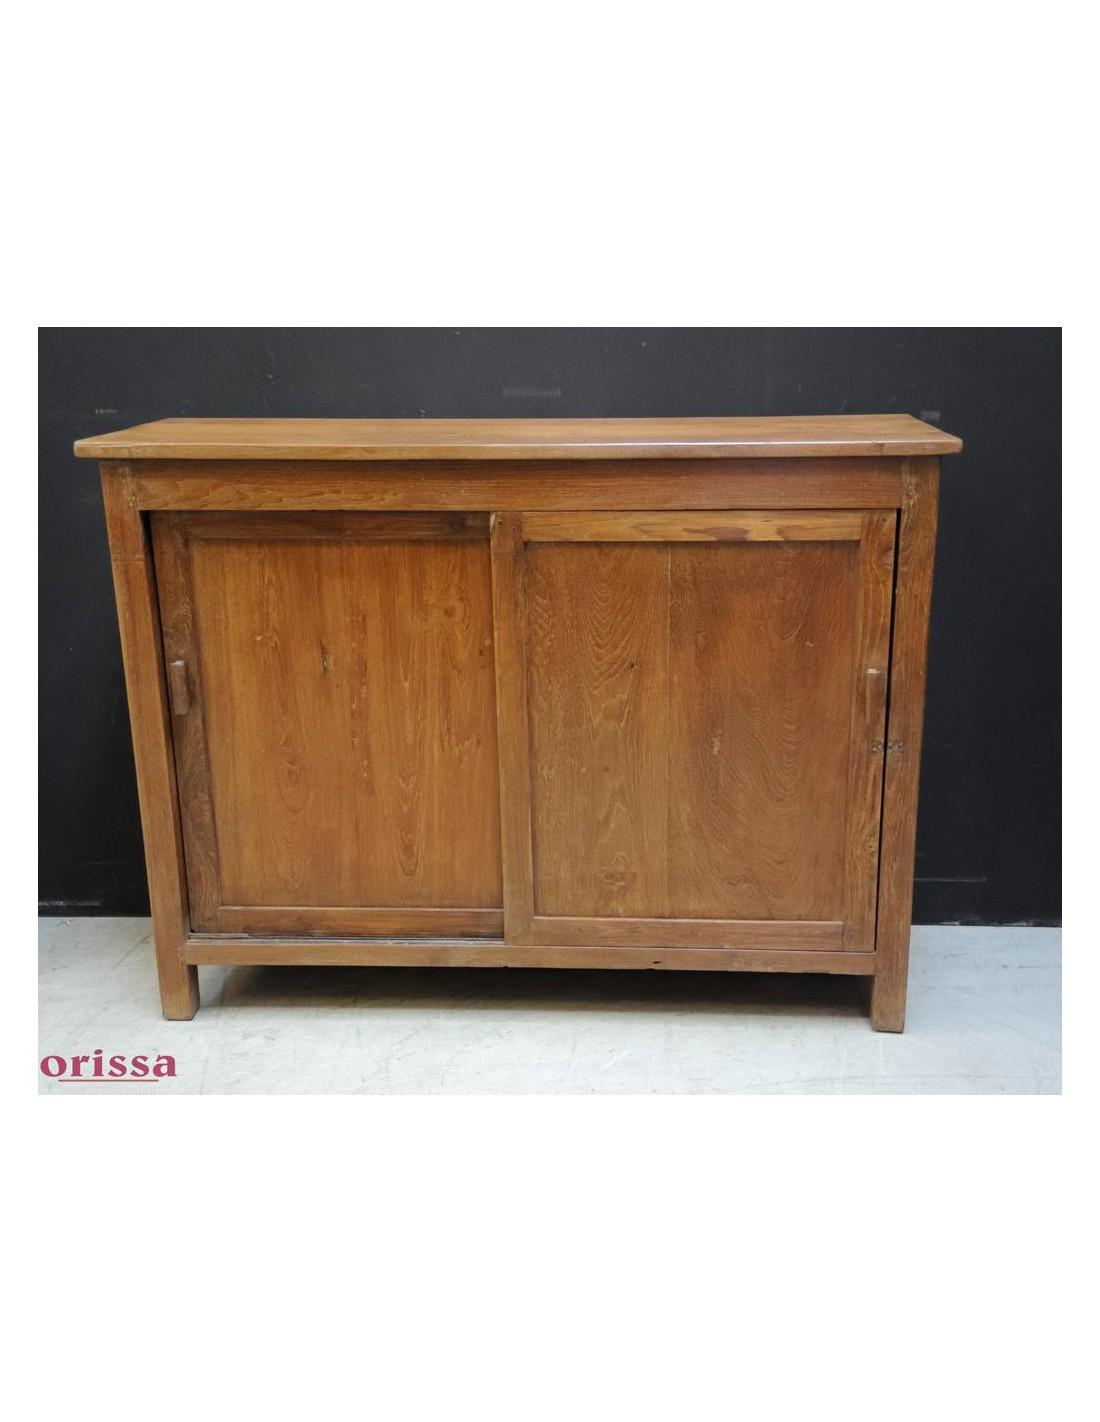 https://www.orissa.it/store/2214-thickbox_default/credenza-bassa-legno-di-teak-con-scorrevoli.jpg